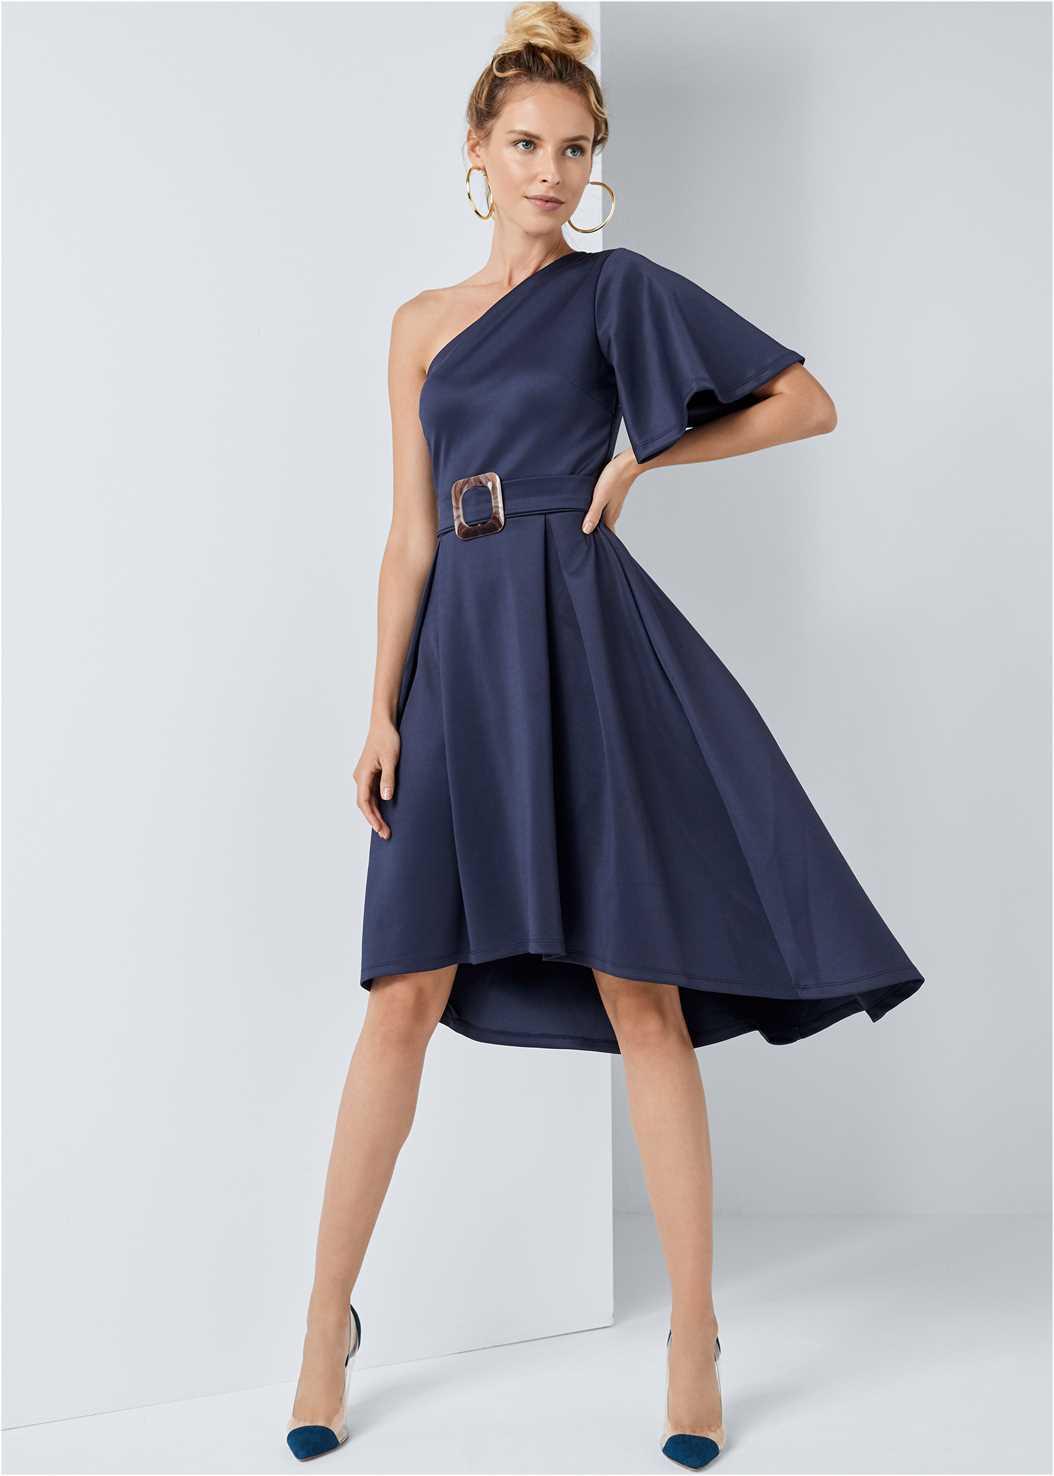 One Shoulder Belted Dress,Lucite Detail Heels